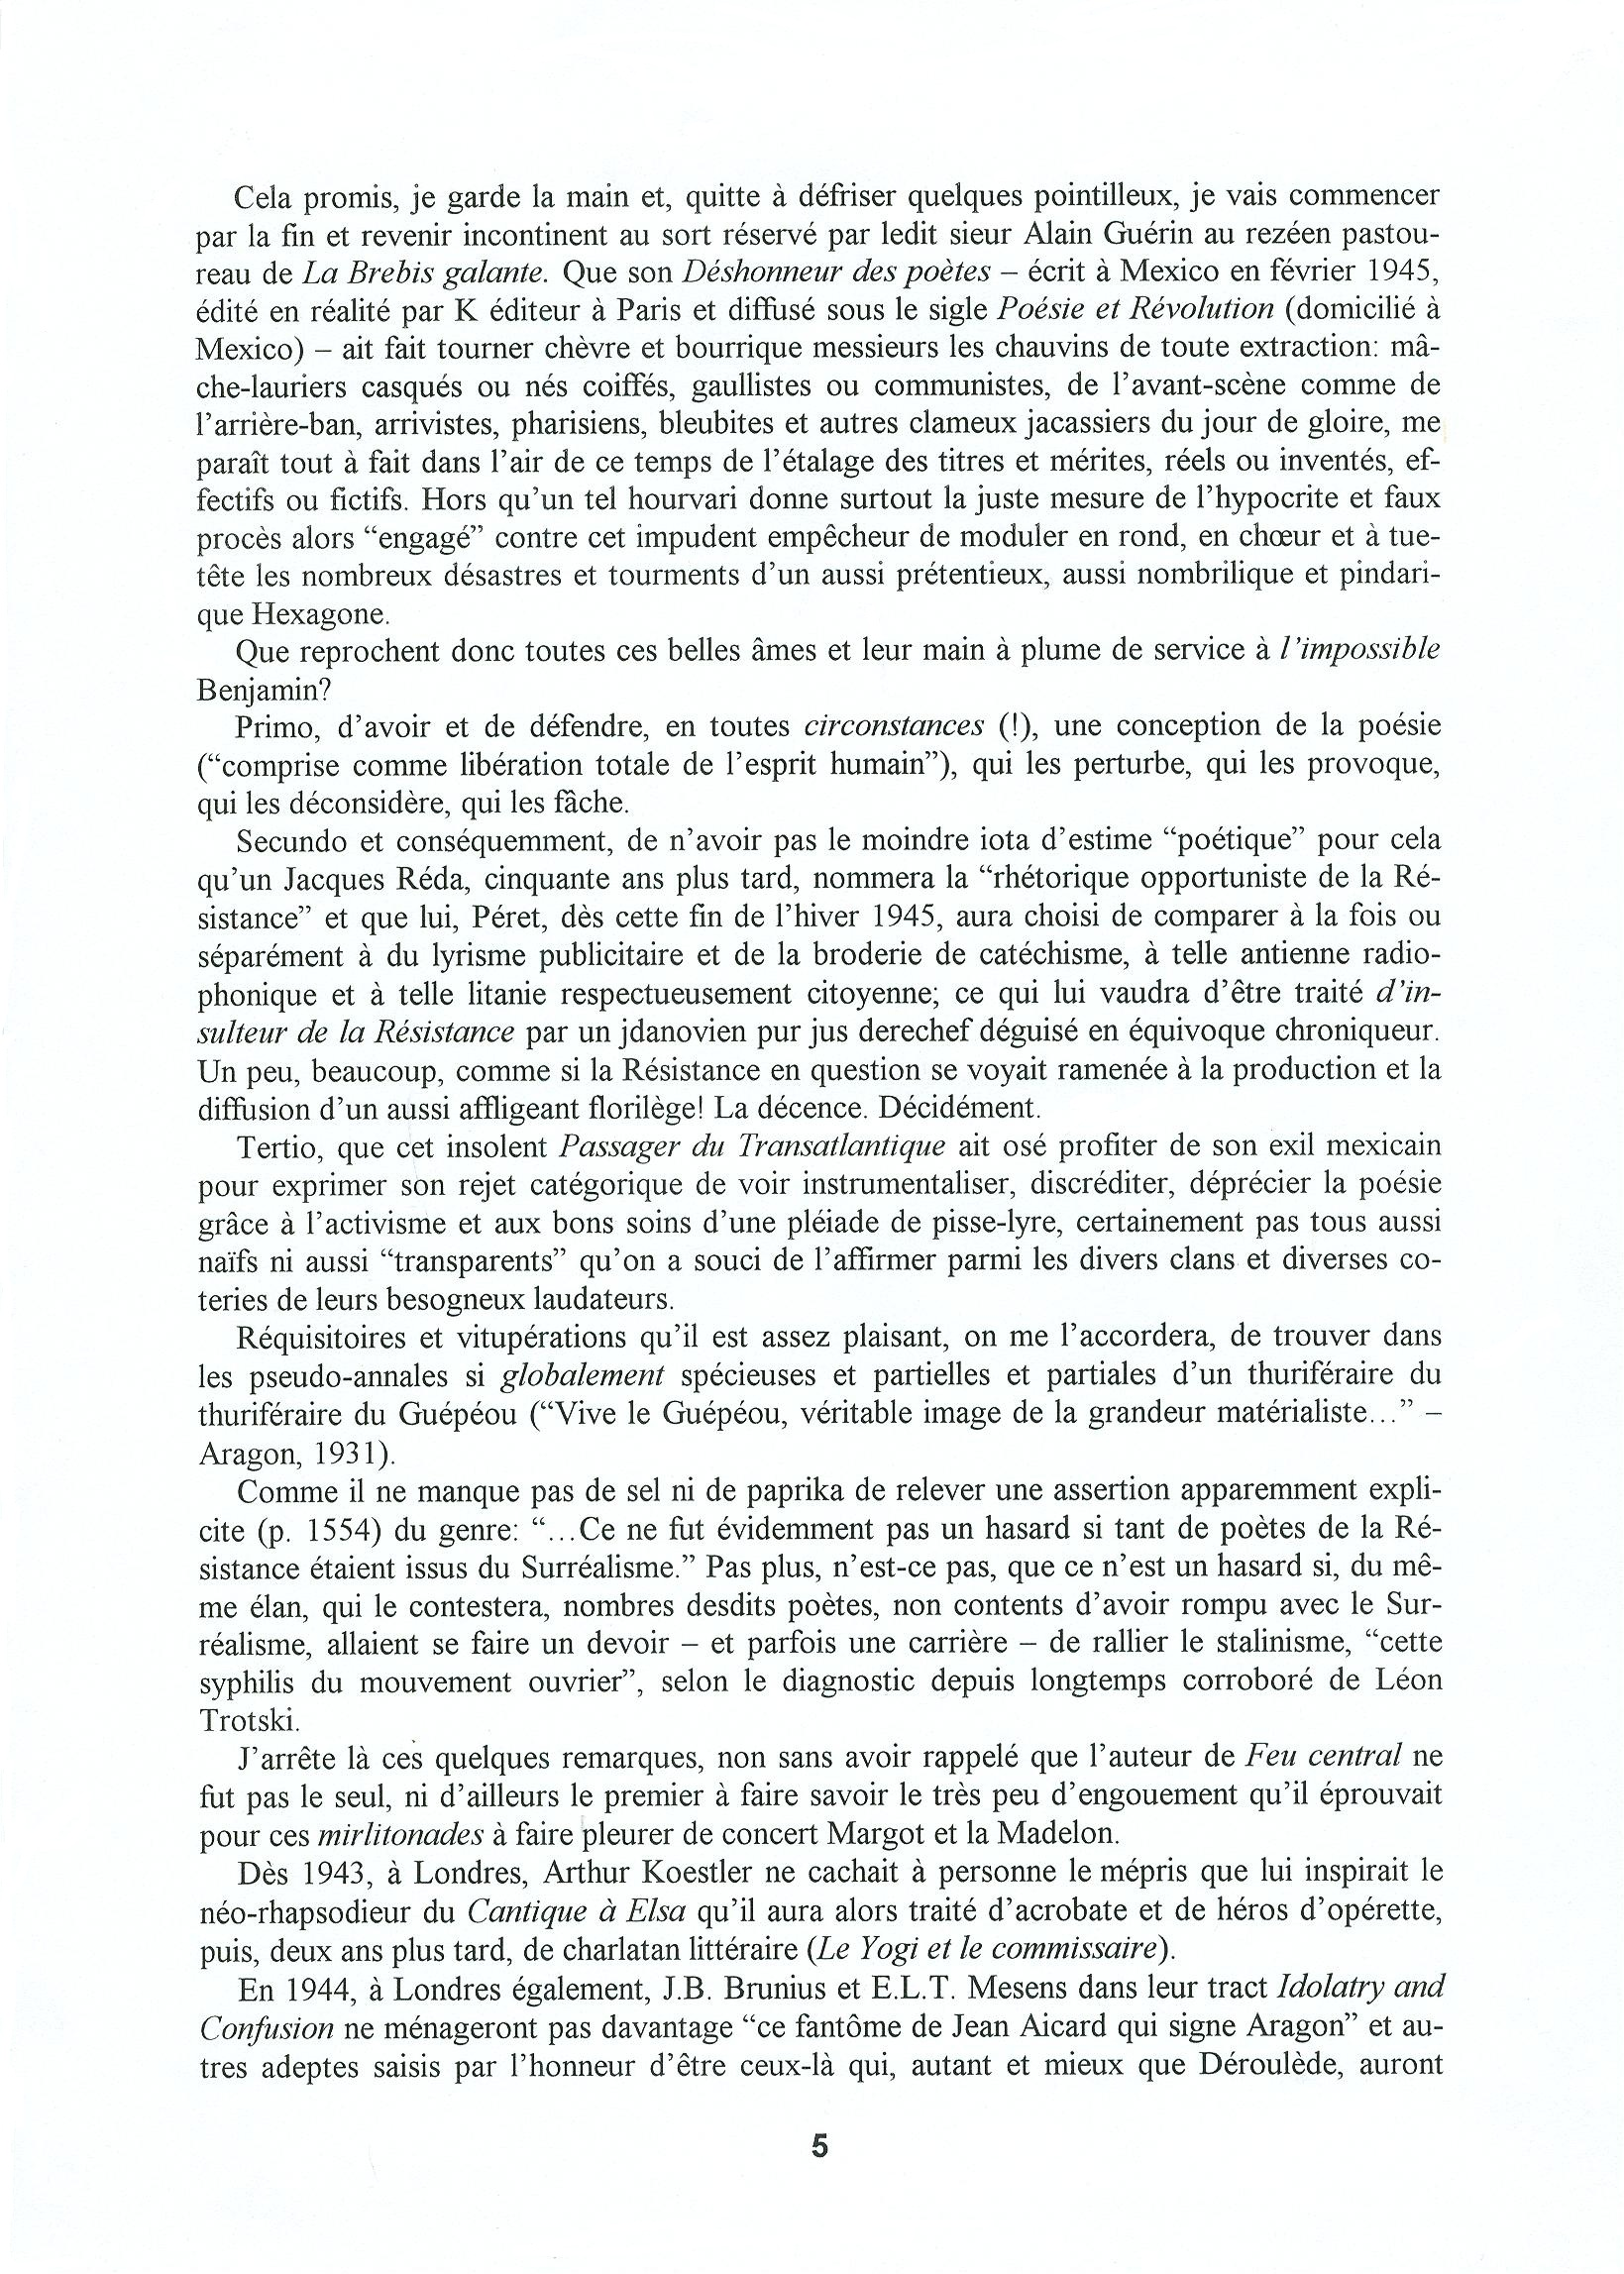 Quaderno n. 32 - pag. 6